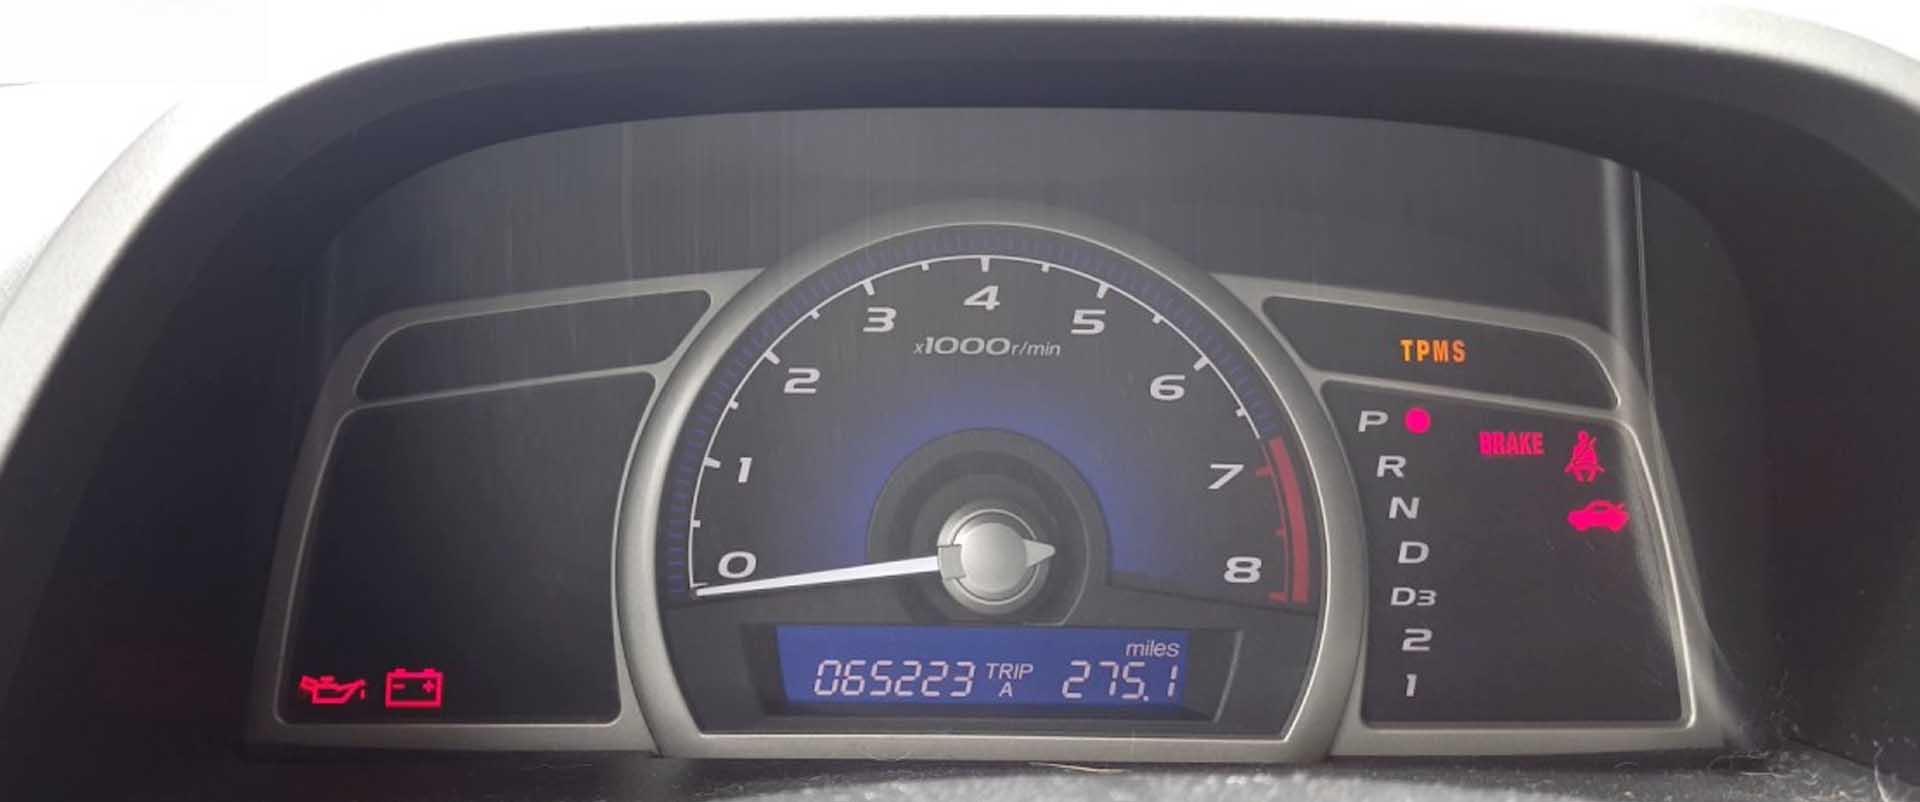 Reset Honda TPMS